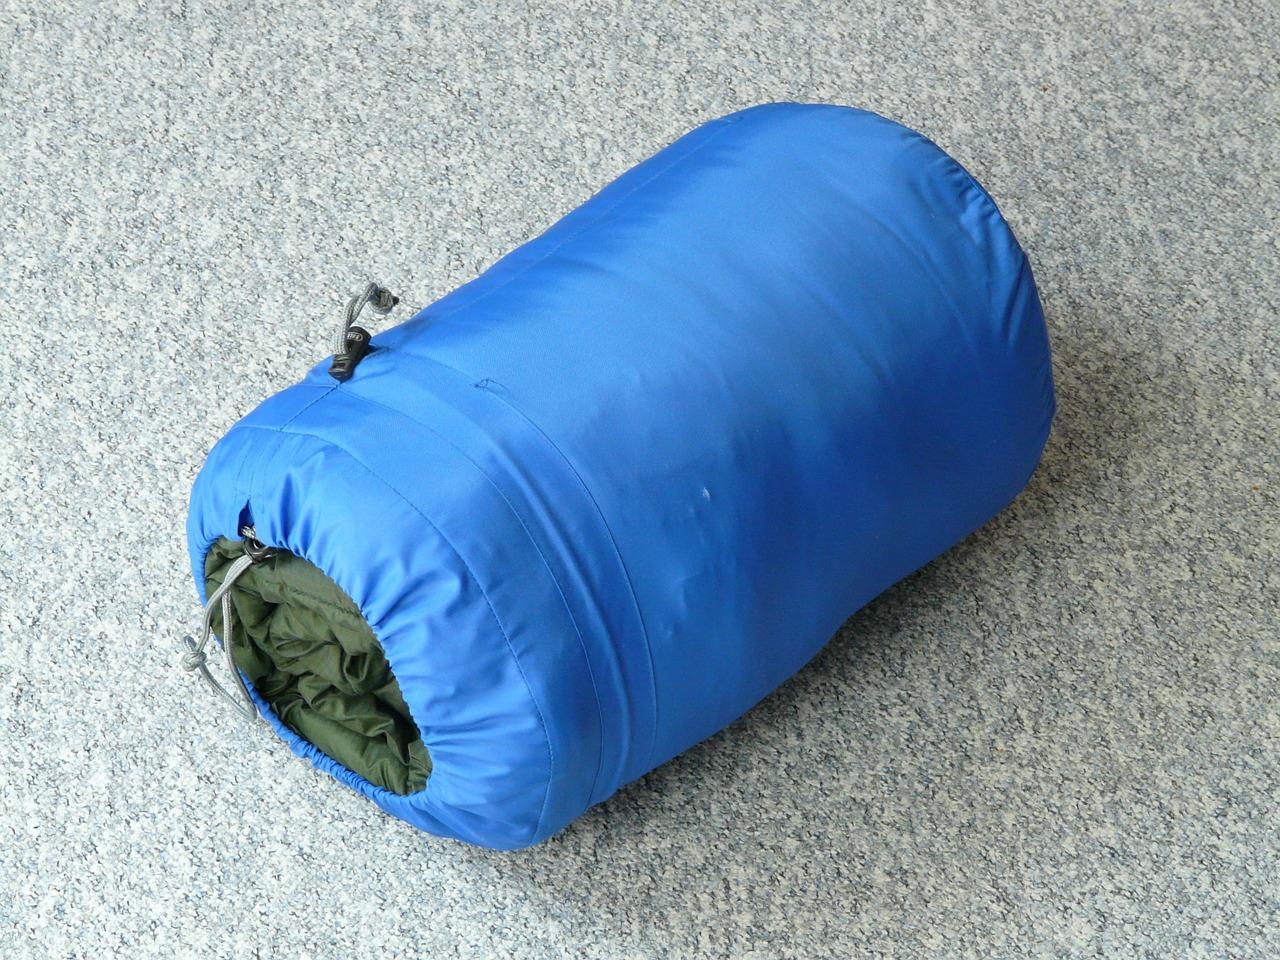 sac de dormit